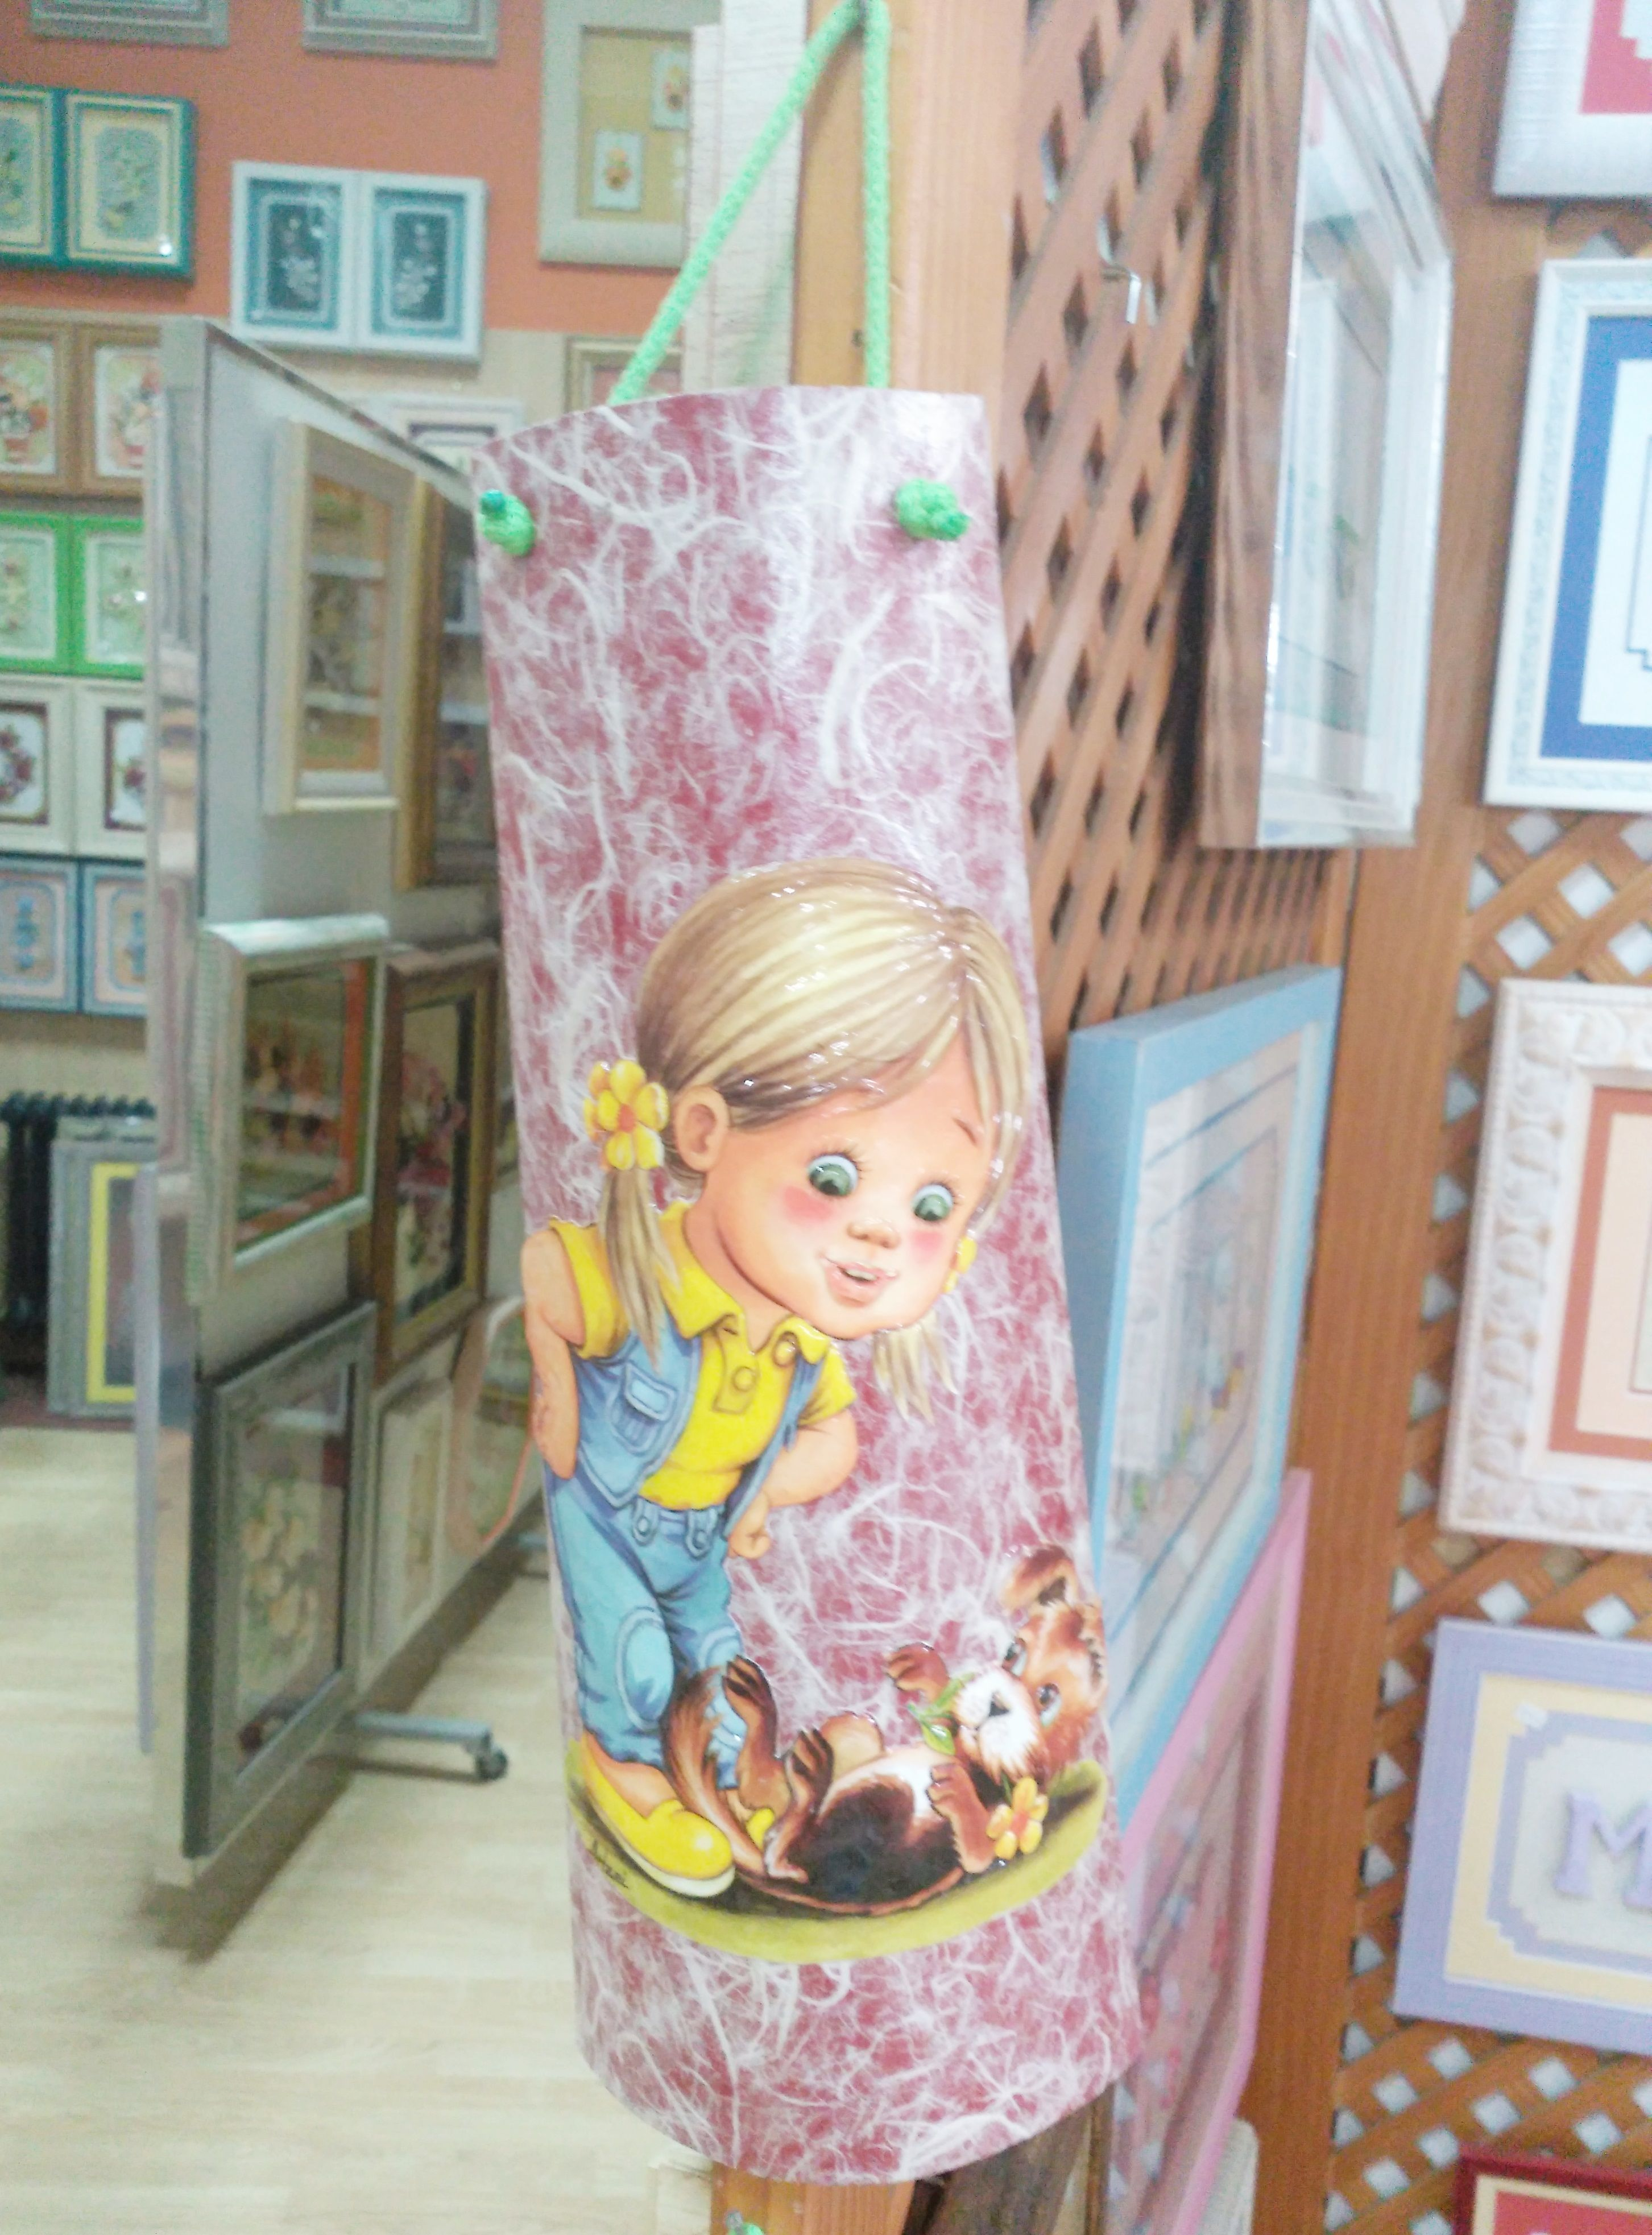 Nuevas tejas decorativas que nos han enamorado! ❤  Llenas de vida y color…son ideales para un espacio infantil! Esperamos que os gusten tanto como a nosotros!